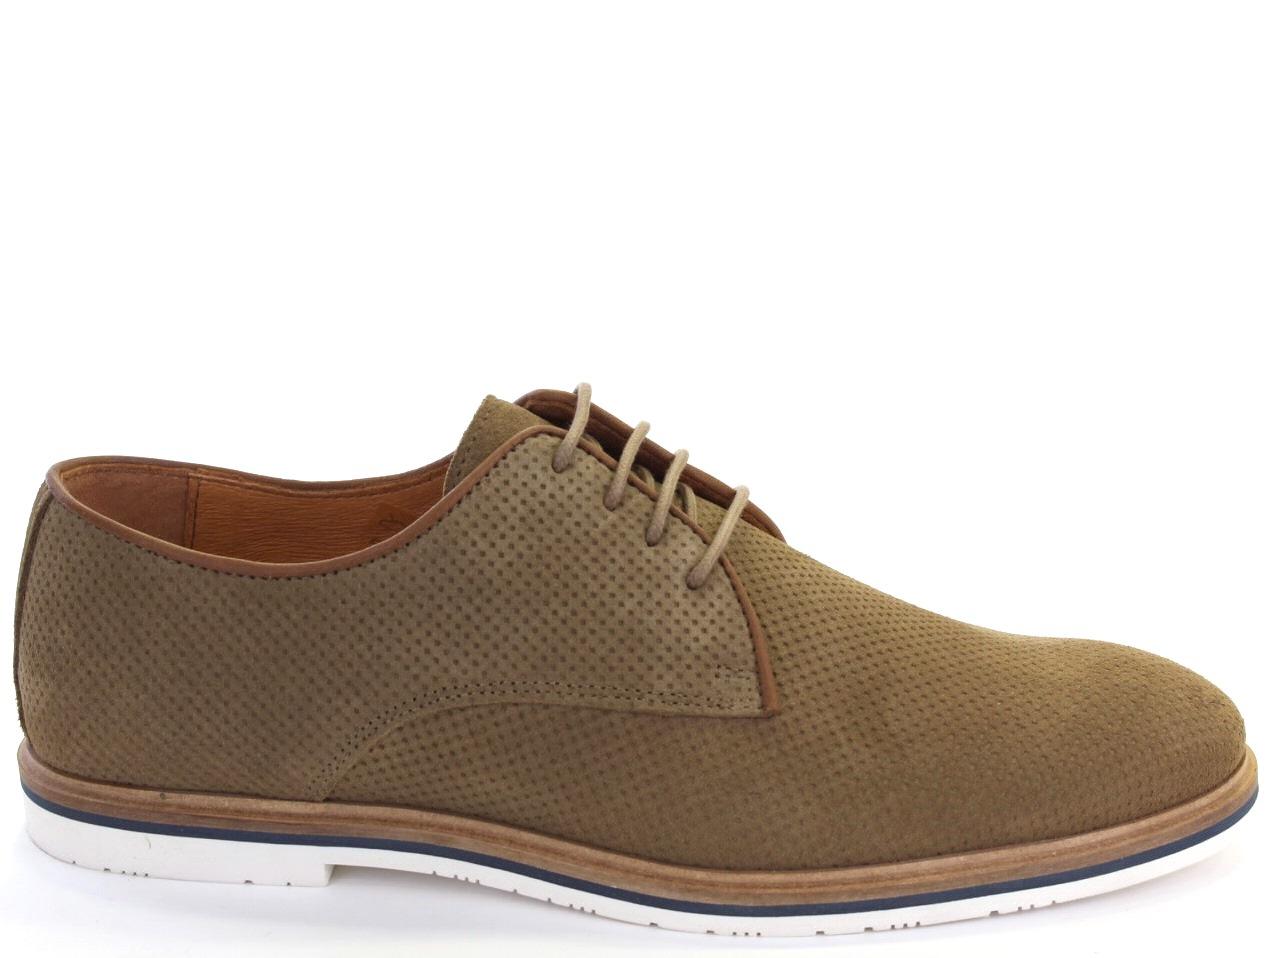 Sapatos Atacador Glispe - 650 111852 11